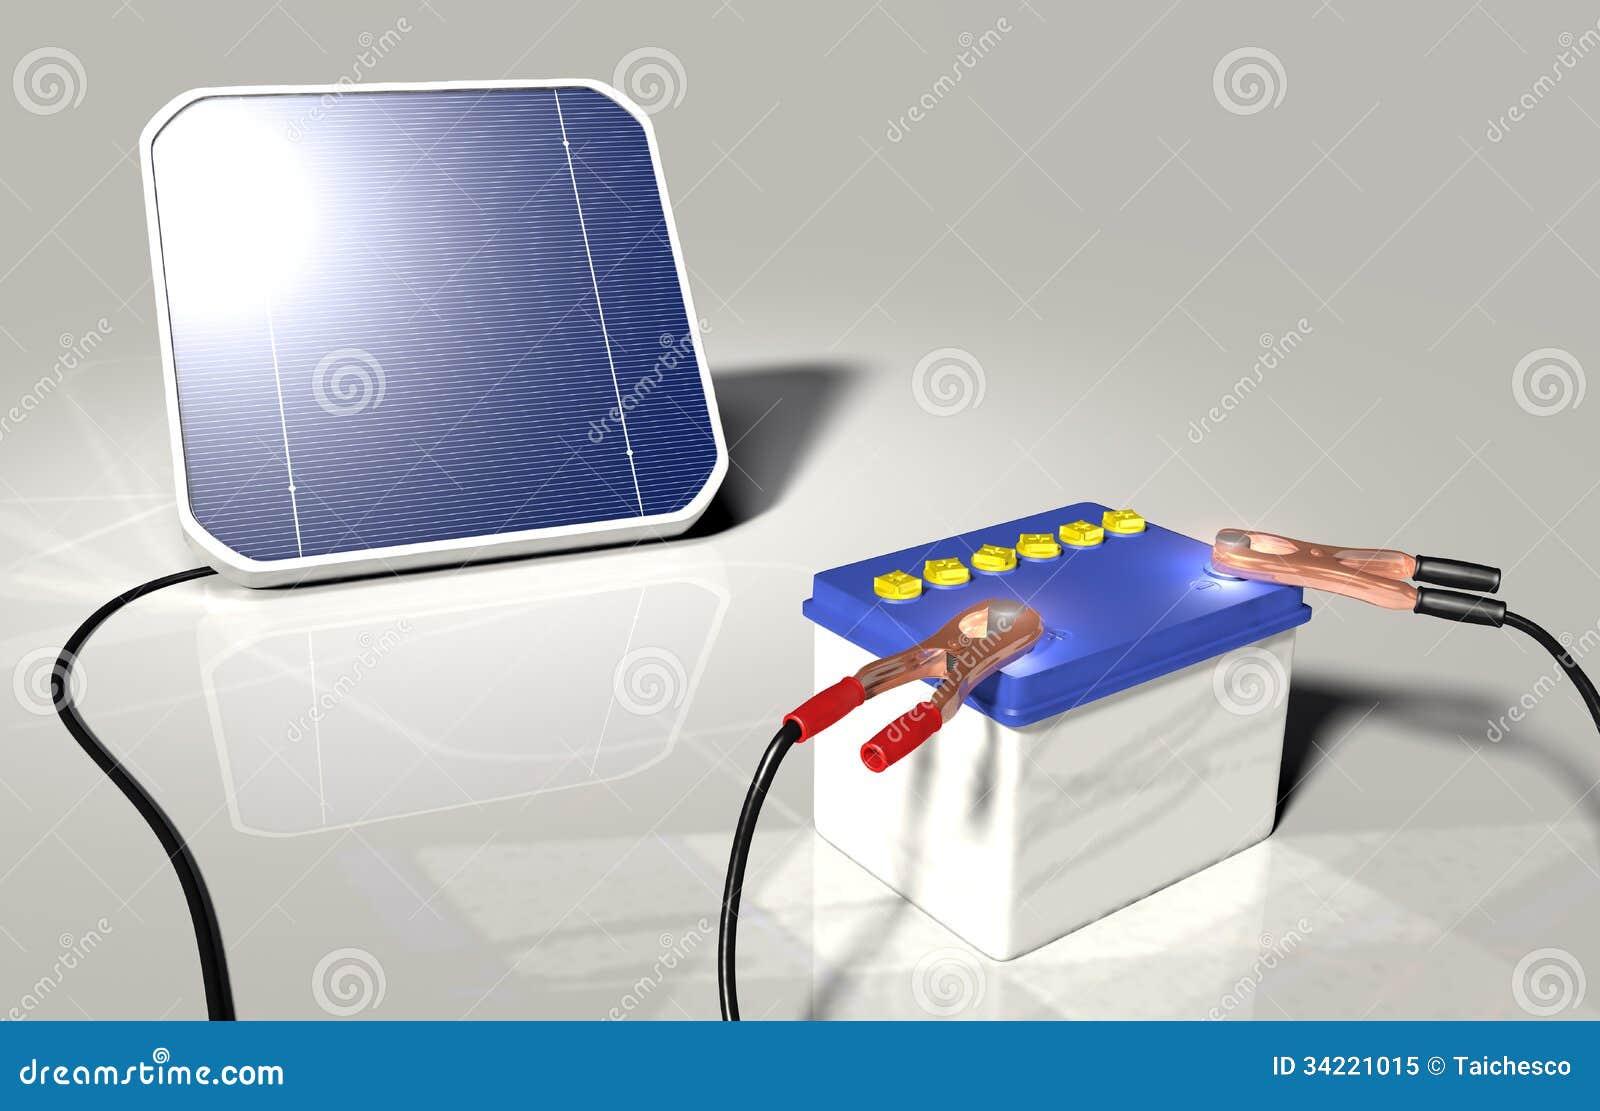 Bateria zanella business plan